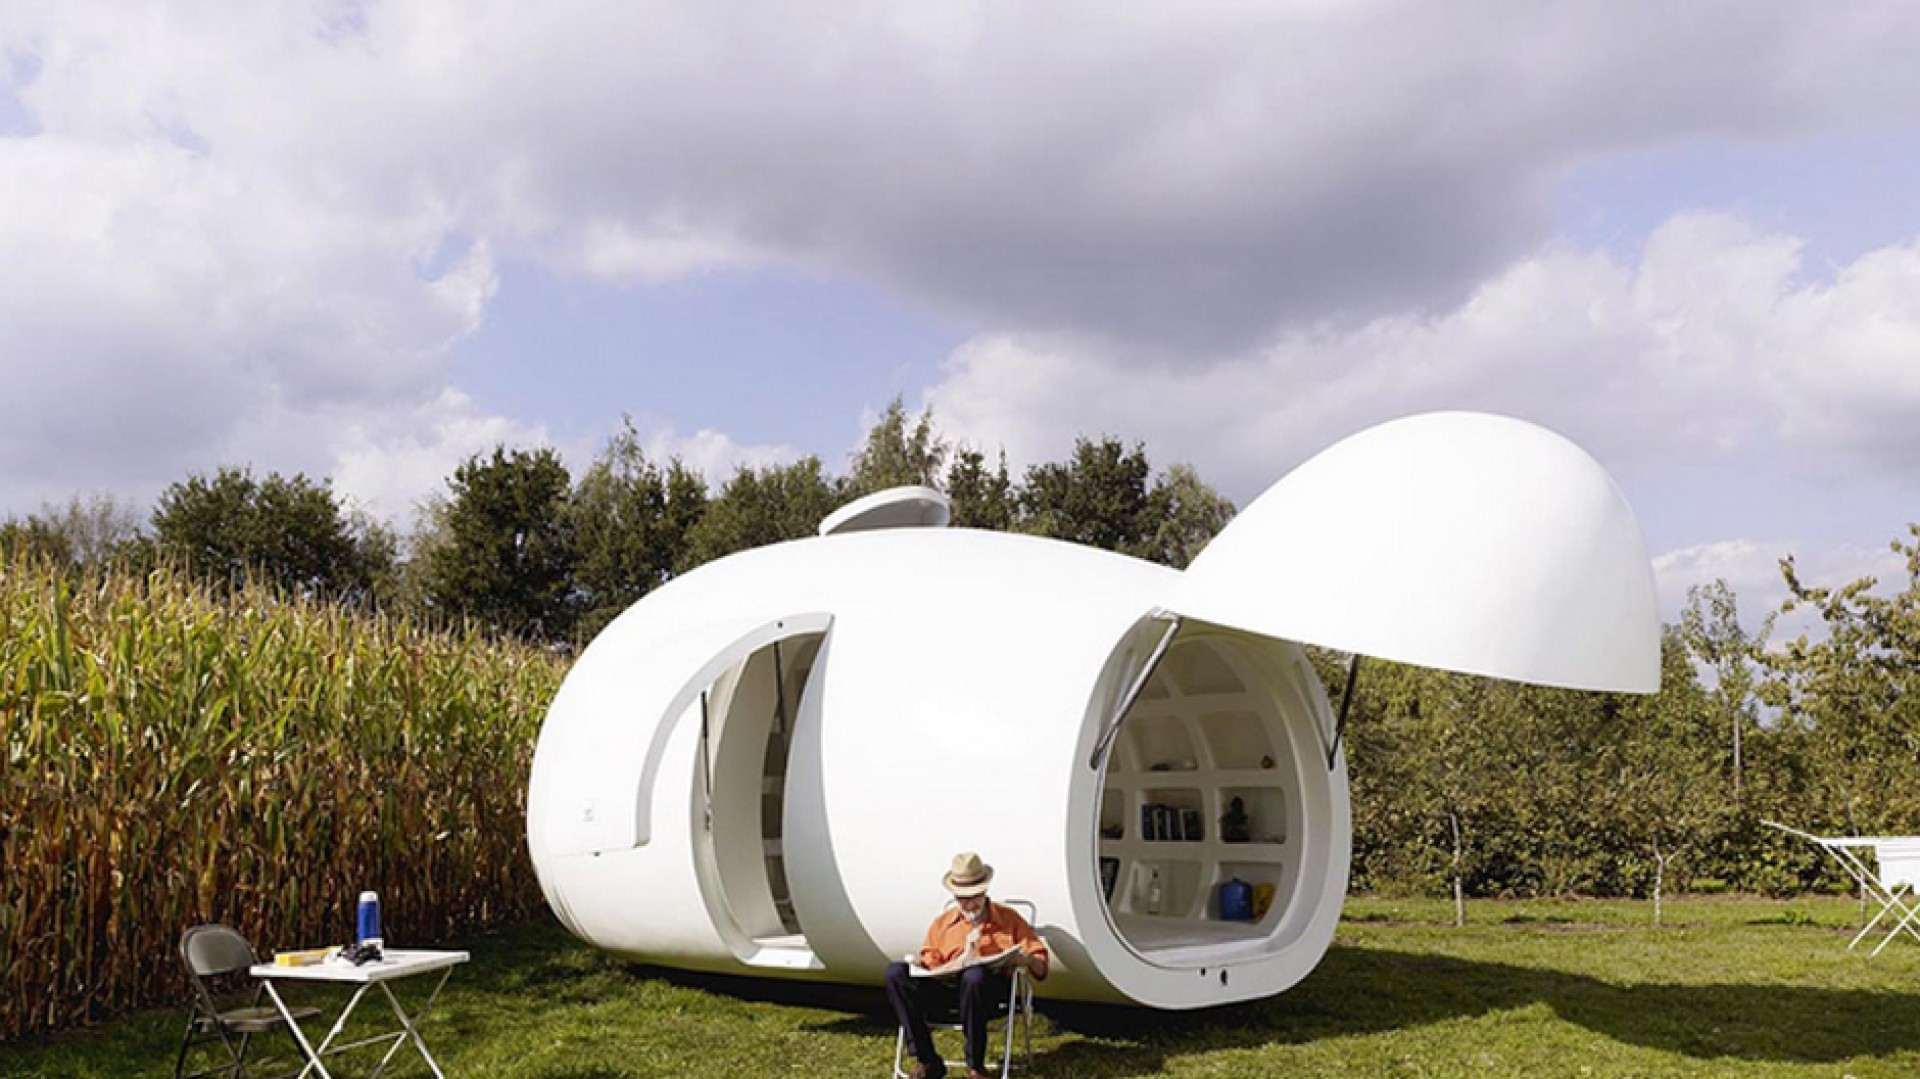 Pomysł belgijskiej pracowni projektowej dmvA. Kabina Blob VB3 w kształcie jaja powstała dzięki inspiracji ideą wolności. Fot. dmvA